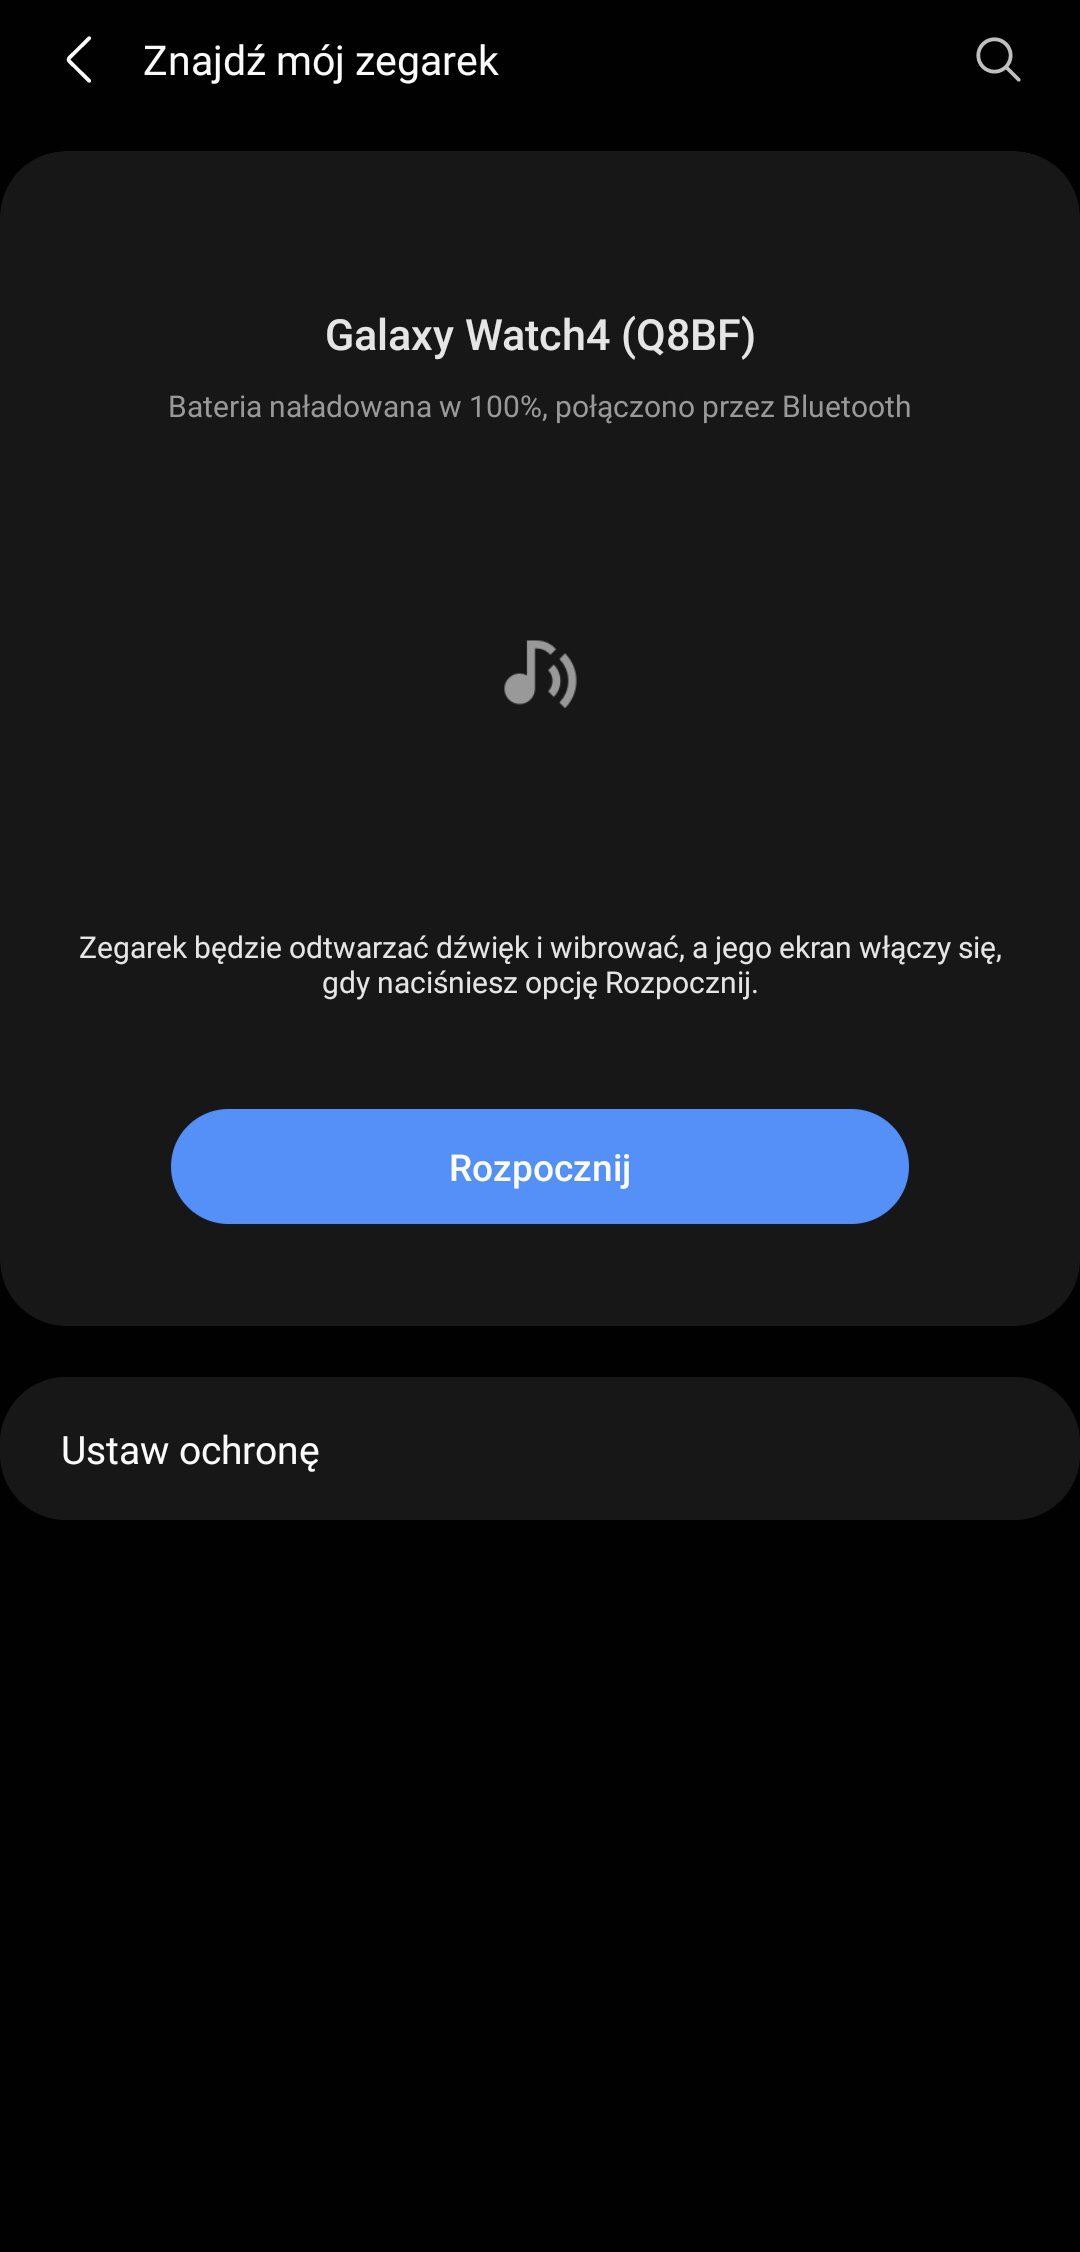 Galaxy Watch 4 aplikacja podstawowa